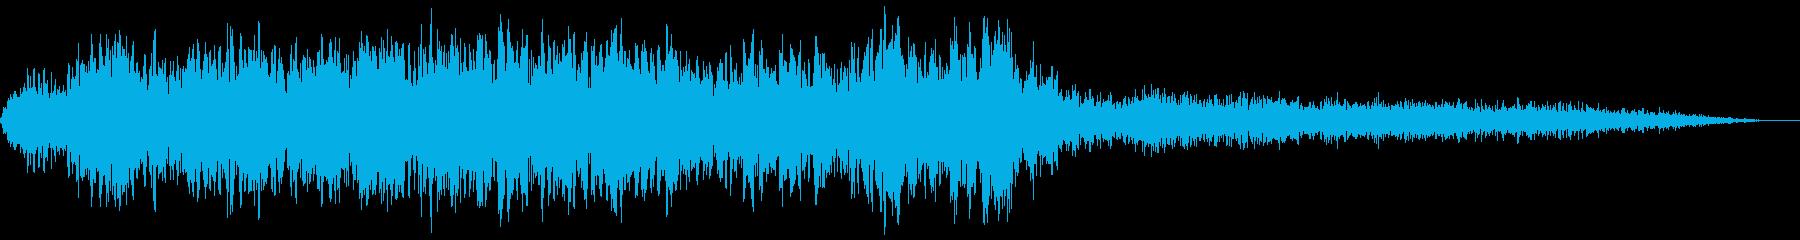 【ダーク】サウンドスケイプ_04の再生済みの波形